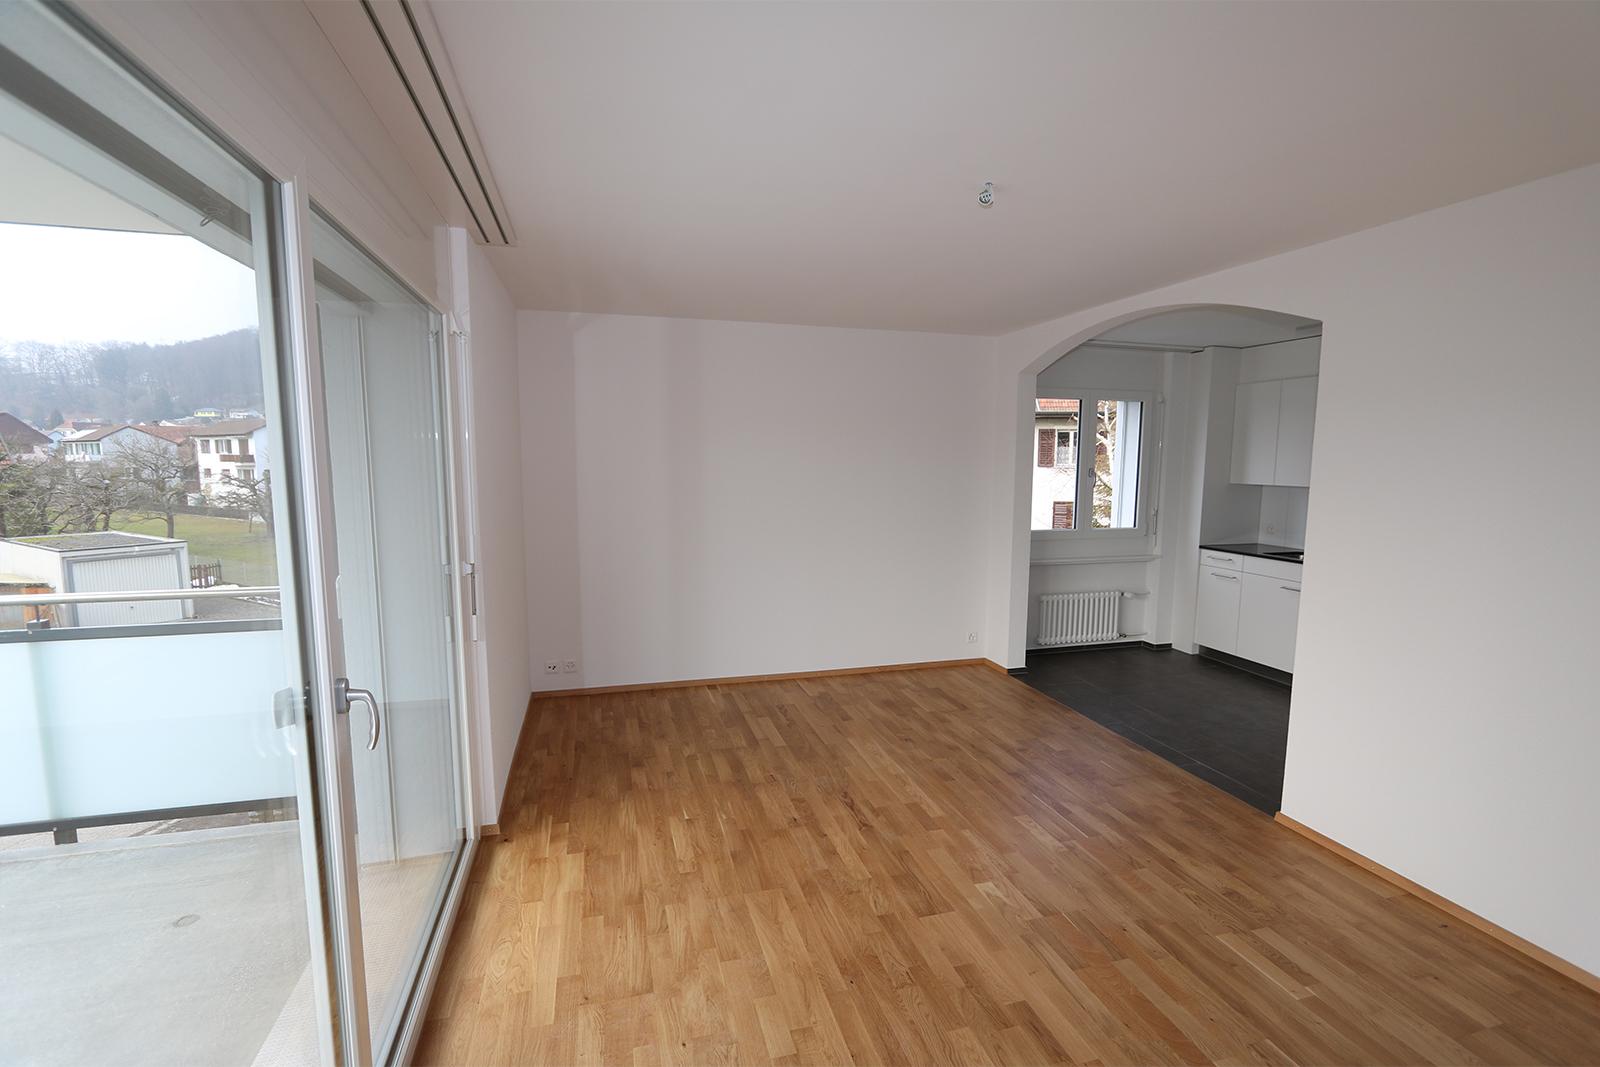 07 Interior Neufeldstrasse - n.S. Wohnen